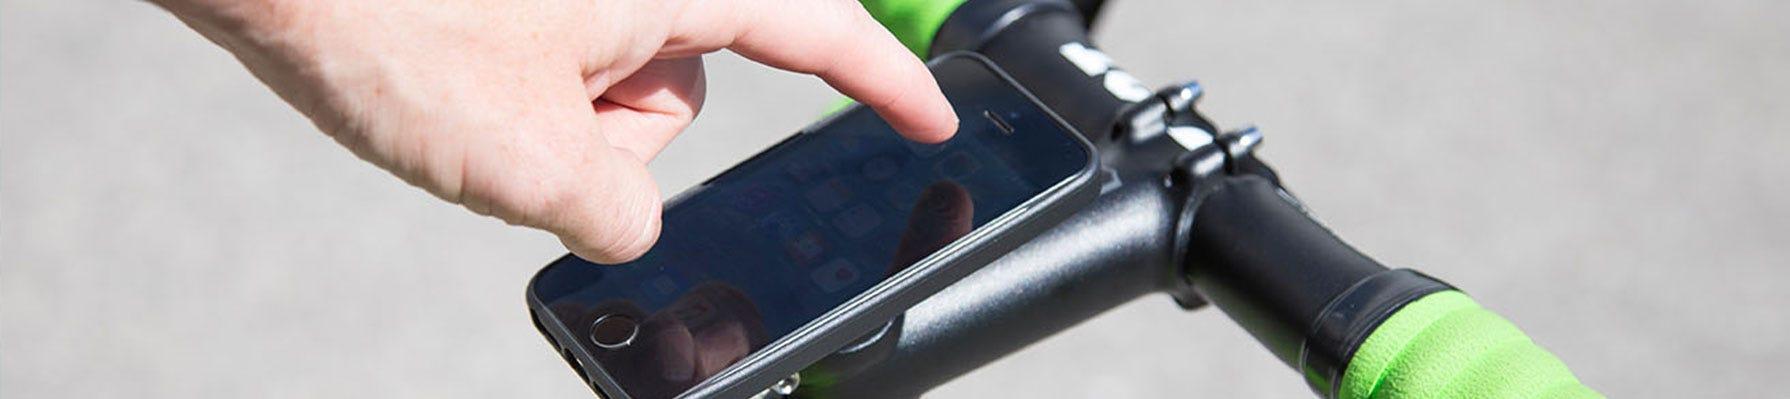 Phone Cases & Mounts